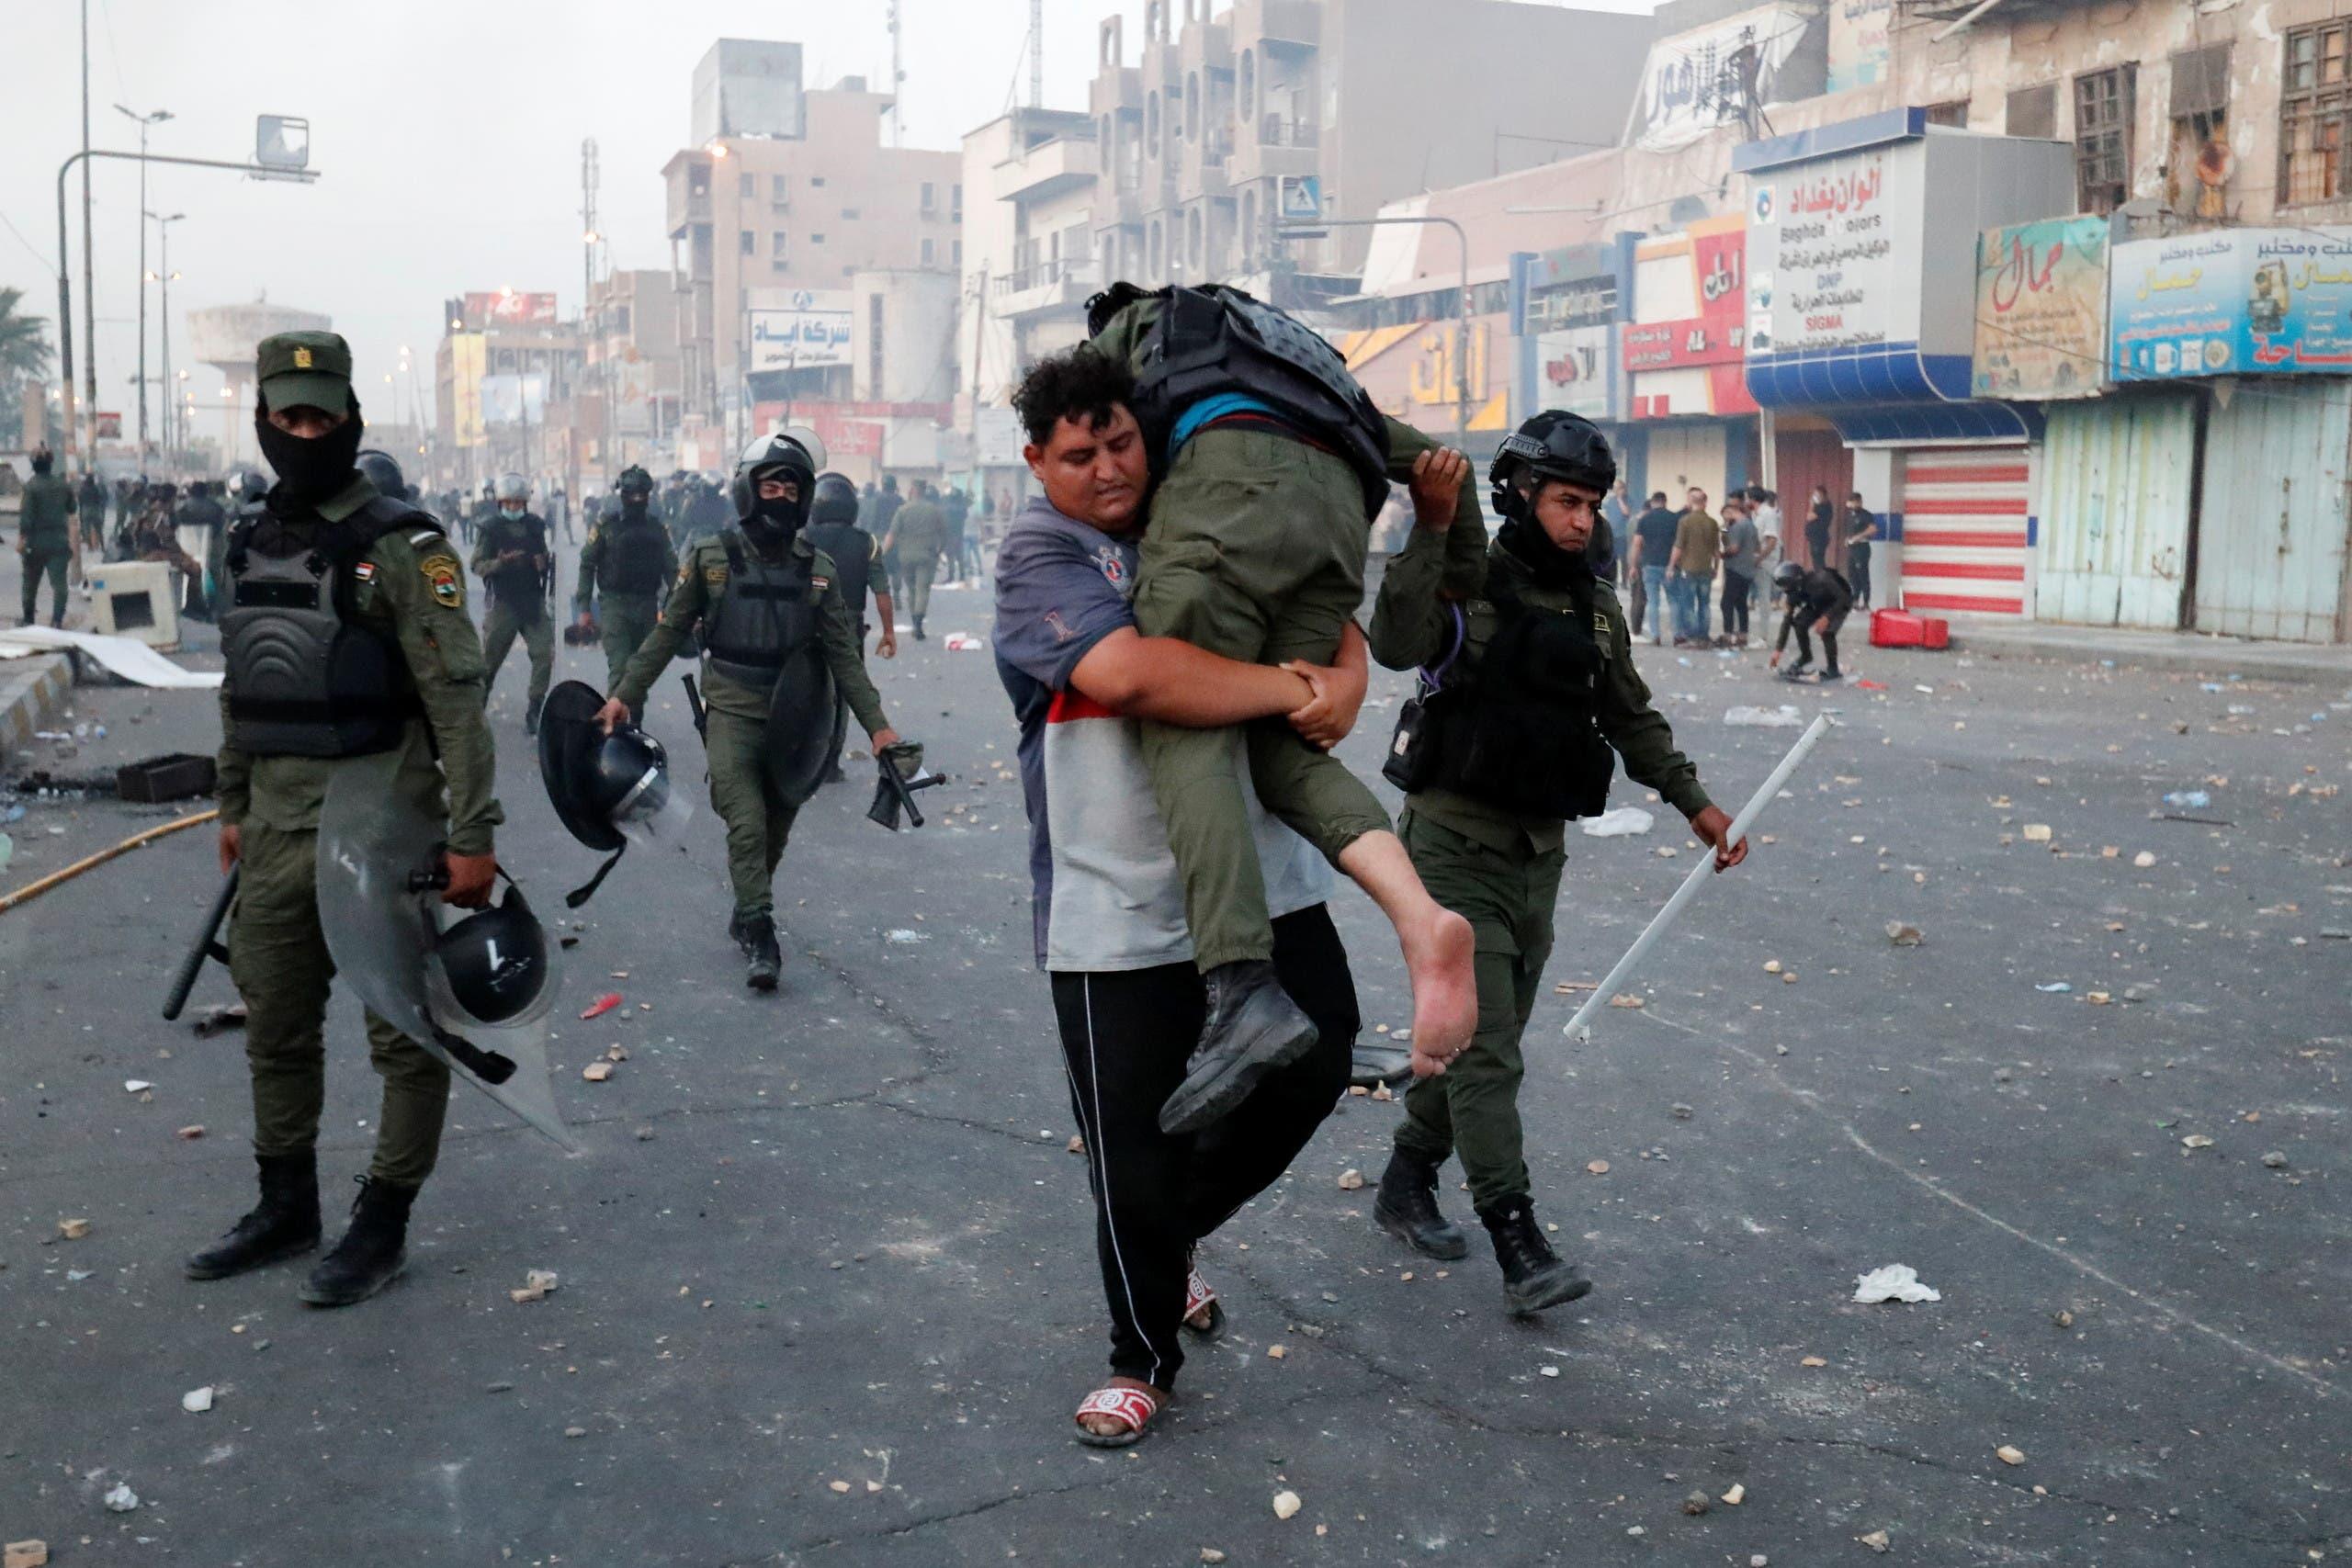 نقل عنصر أمني مصاب أمس في تظاهرات بغداد